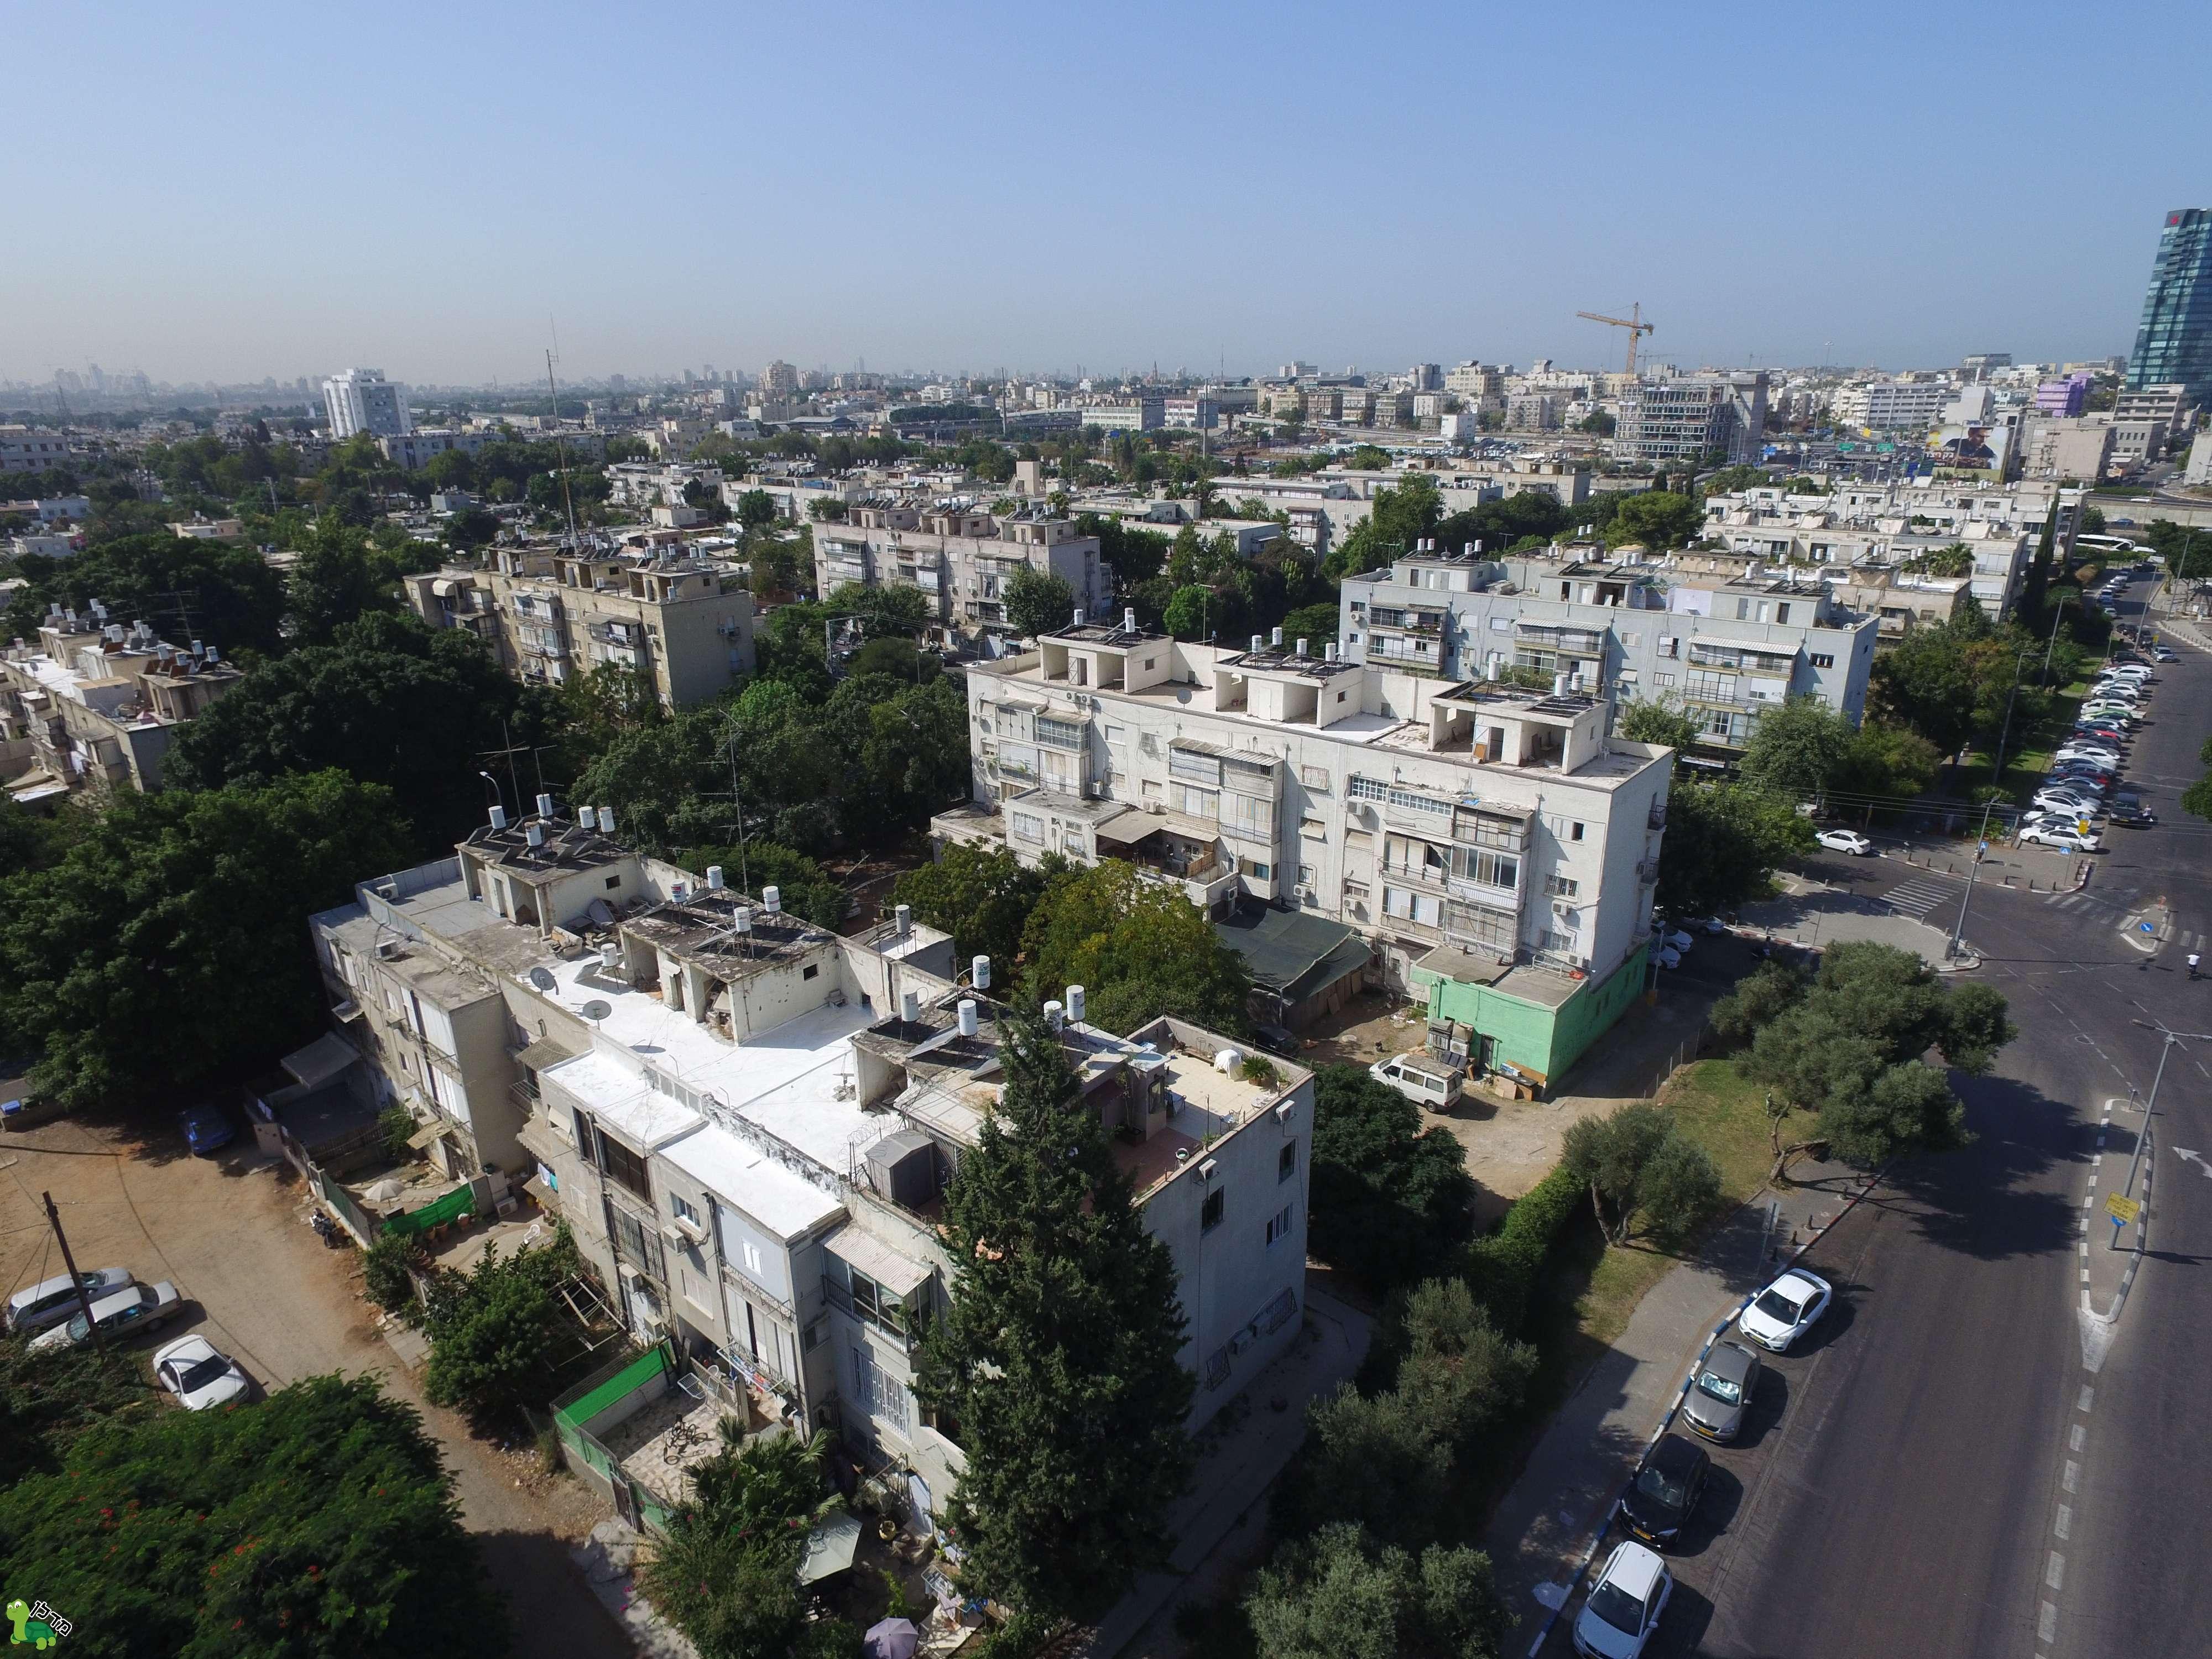 ניס דירה למכירה בלה גארדיה 68, תל אביב יפו LC-07